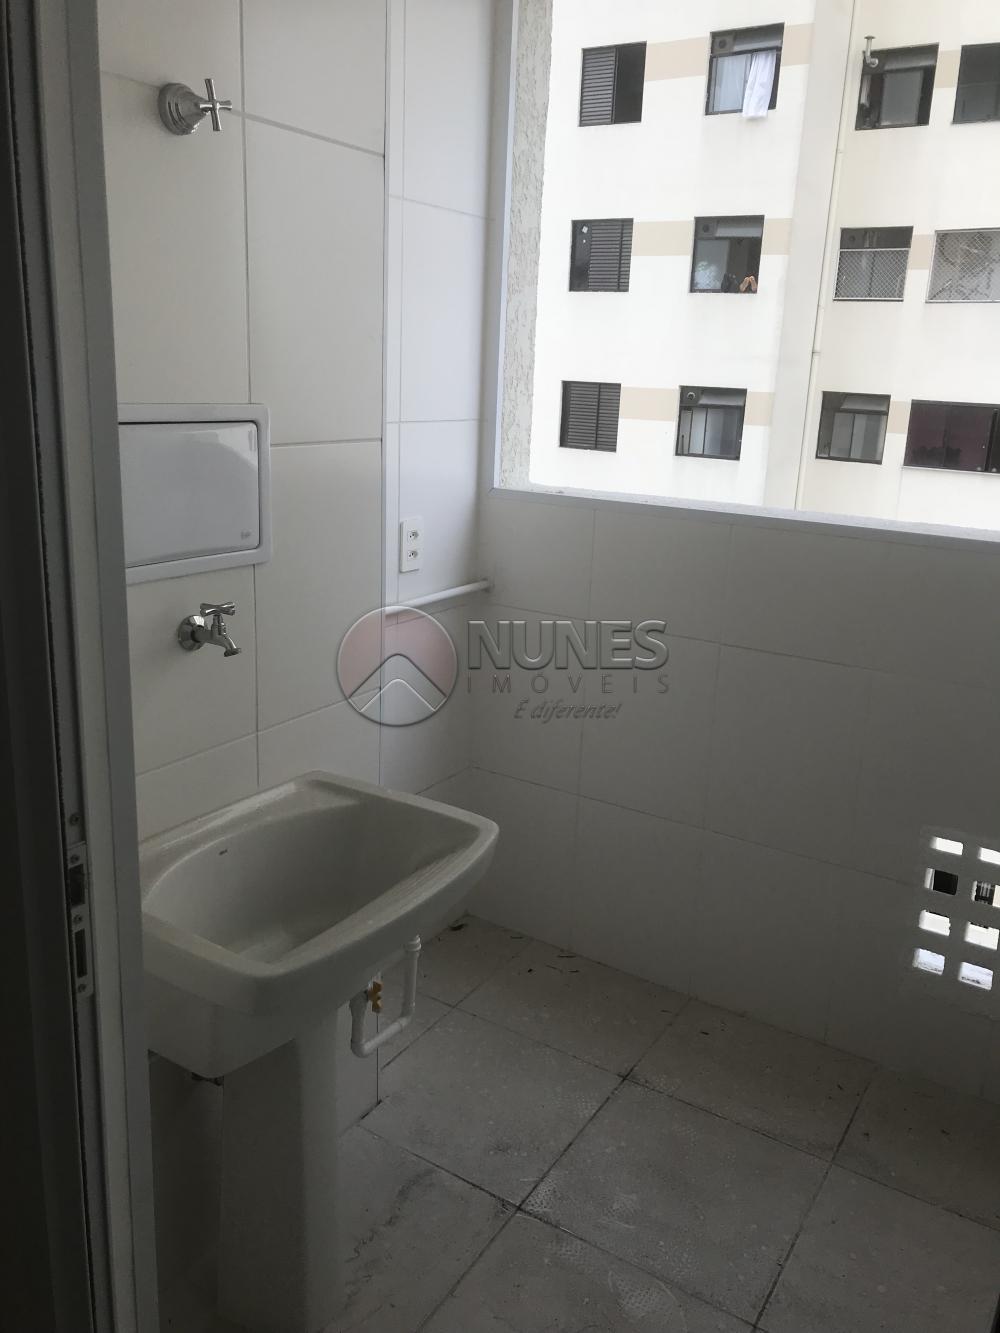 Comprar Apartamento / Padrão em São Paulo apenas R$ 590.000,00 - Foto 6